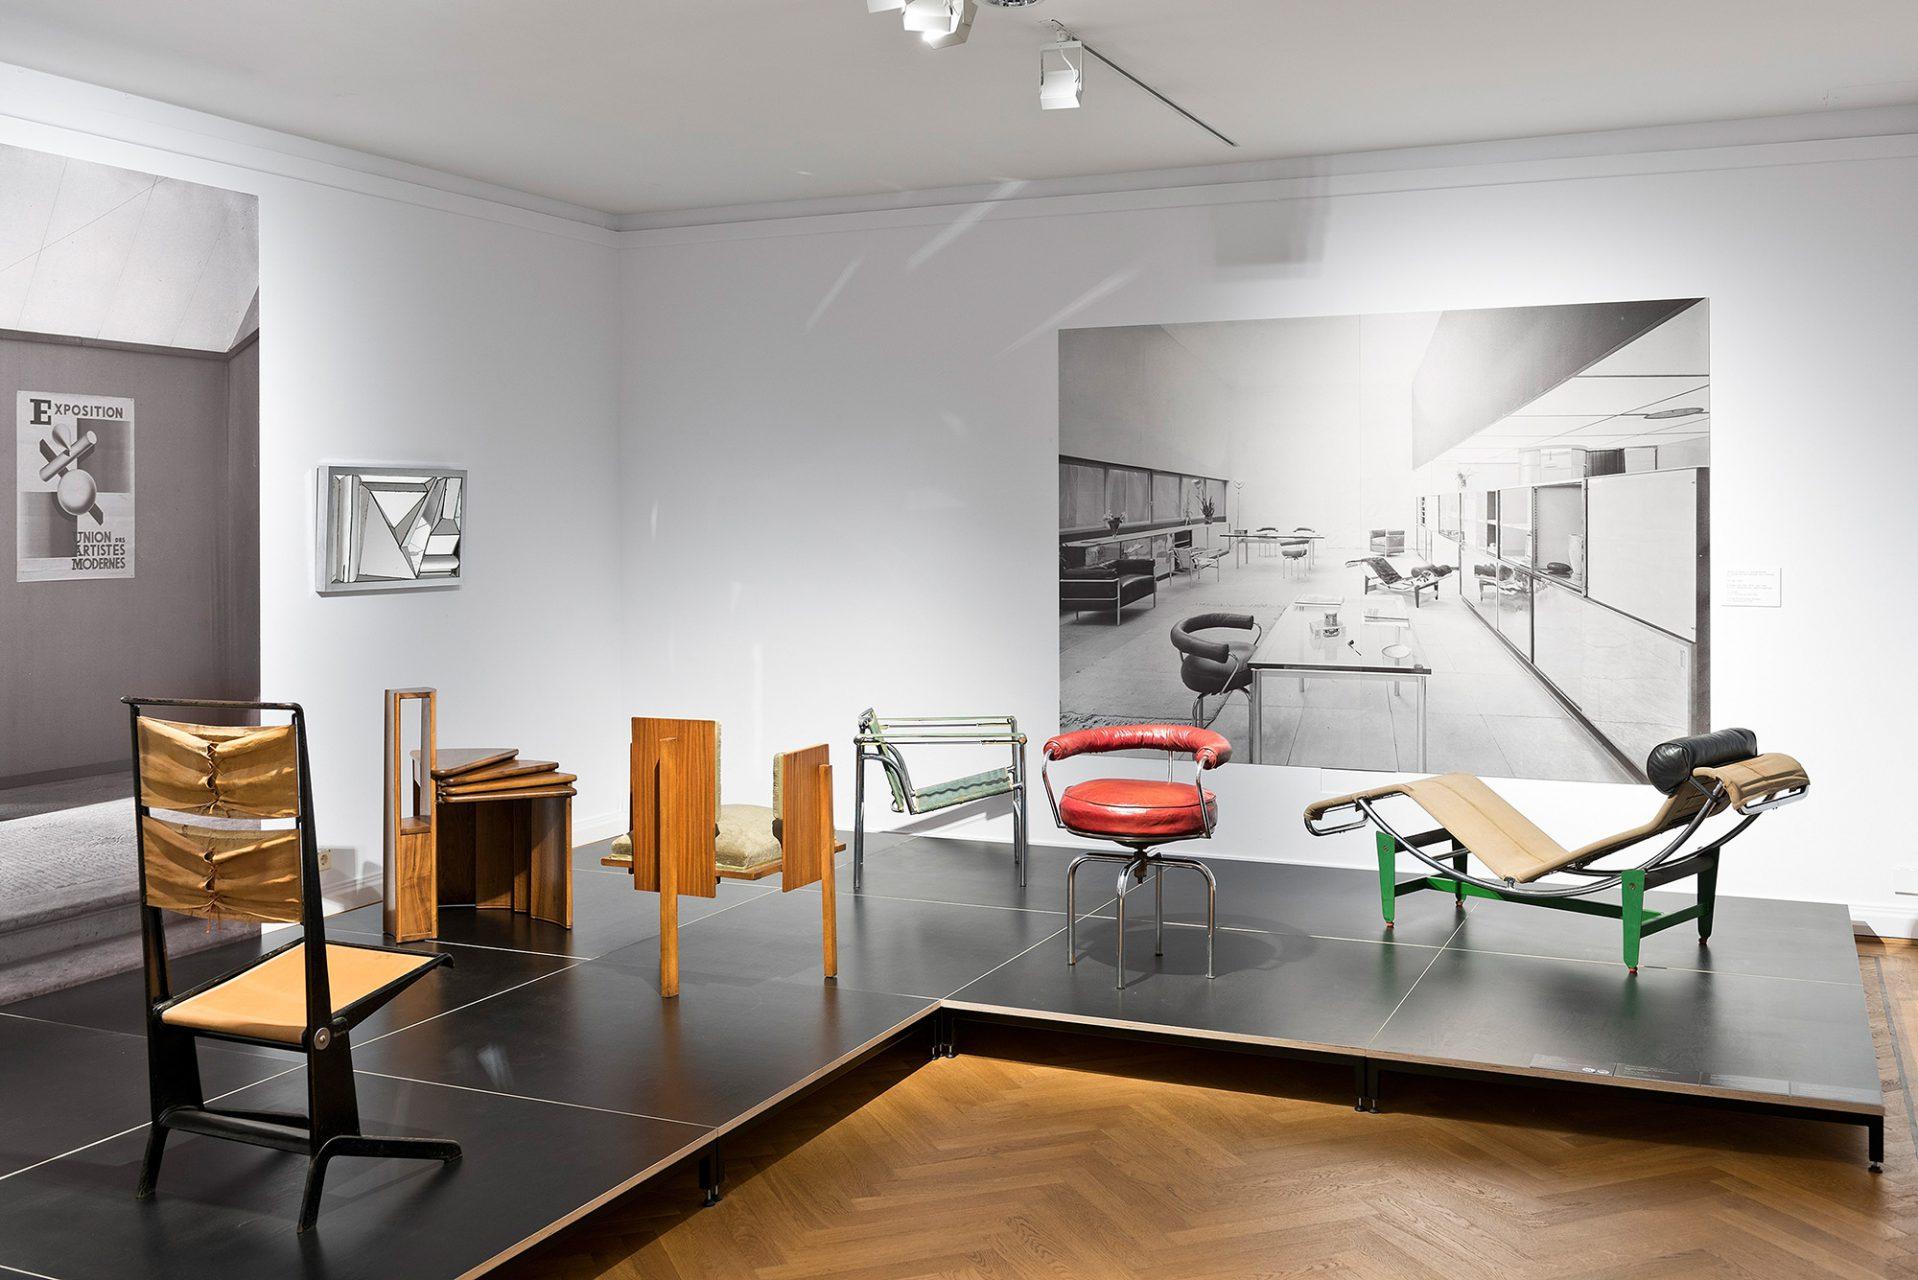 Union des Artistes Modernes.  Als Antwort darauf gründete sich 1929 die UAM unter der Leitung von Robert Mallet-Stevens (1886–1945). Mit der Kombination des deutschen Funktionalismus und des französischen Art déco entwickelte sich so eine eigenständige, französisch geprägte Moderne.